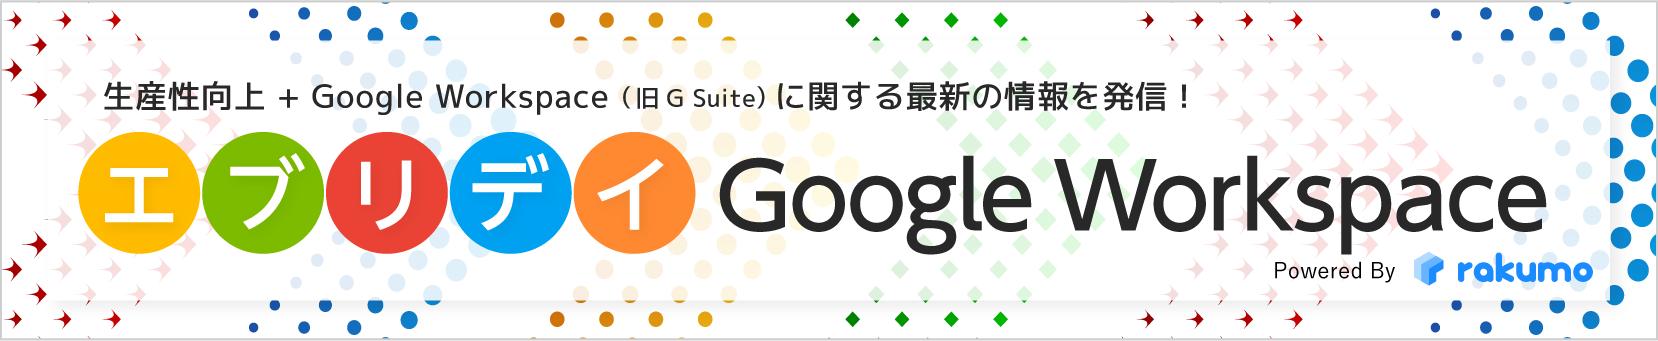 ワーク スペース グーグル